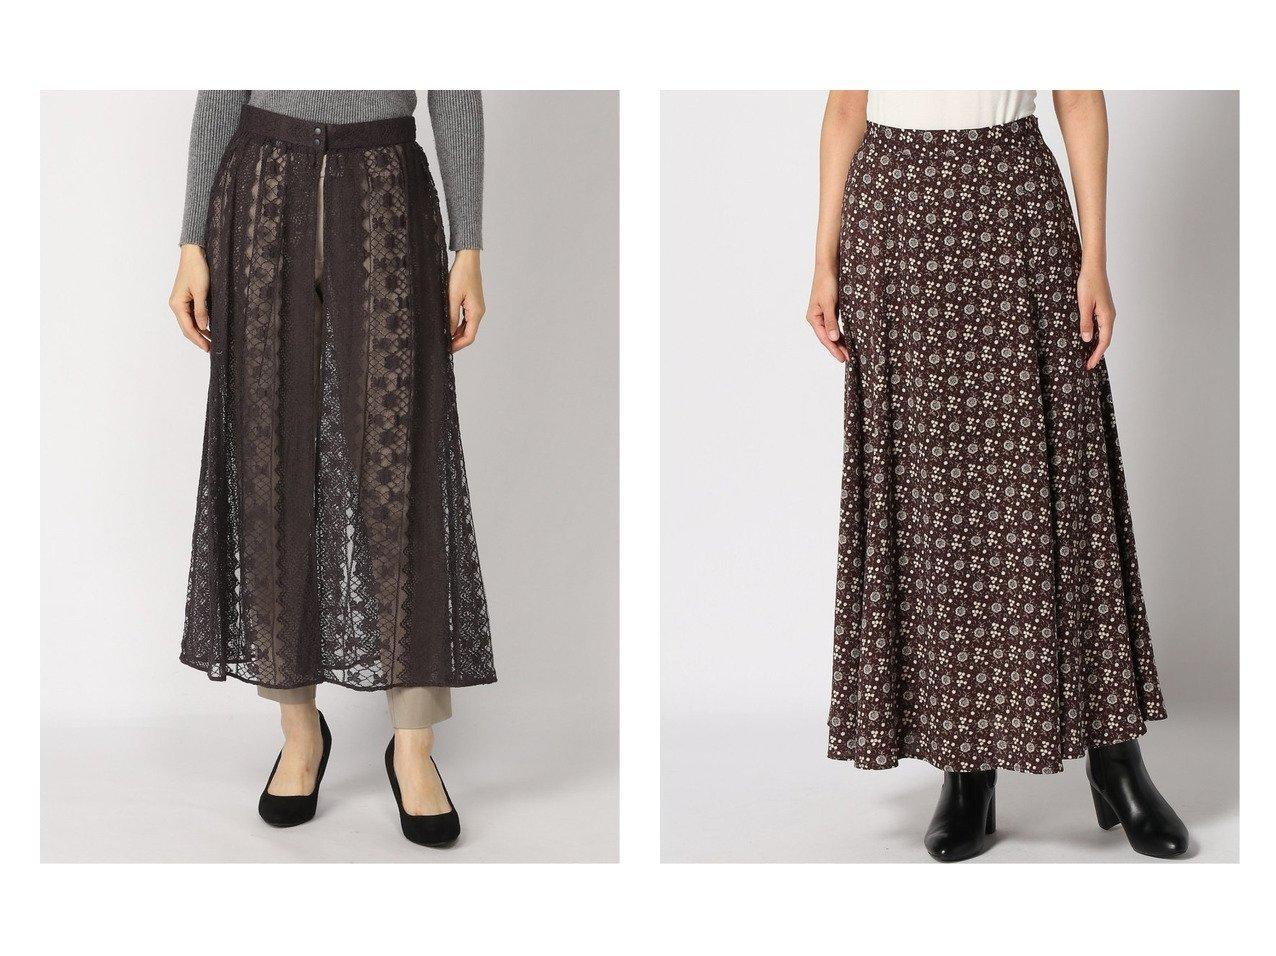 【JOURNAL STANDARD relume/ジャーナルスタンダード レリューム】のフラワーPRINT マーメイドSK&Stripe lace レイヤードSK スカートのおすすめ!人気、トレンド・レディースファッションの通販  おすすめで人気の流行・トレンド、ファッションの通販商品 メンズファッション・キッズファッション・インテリア・家具・レディースファッション・服の通販 founy(ファニー) https://founy.com/ ファッション Fashion レディースファッション WOMEN スカート Skirt Aライン/フレアスカート Flared A-Line Skirts 2020年 2020 2020-2021 秋冬 A/W AW Autumn/Winter / FW Fall-Winter 2020-2021 A/W 秋冬 AW Autumn/Winter / FW Fall-Winter フラワー フレア プリント マーメイド 人気 冬 Winter 定番 ストライプ スリット ラップ レース ロング |ID:crp329100000009692